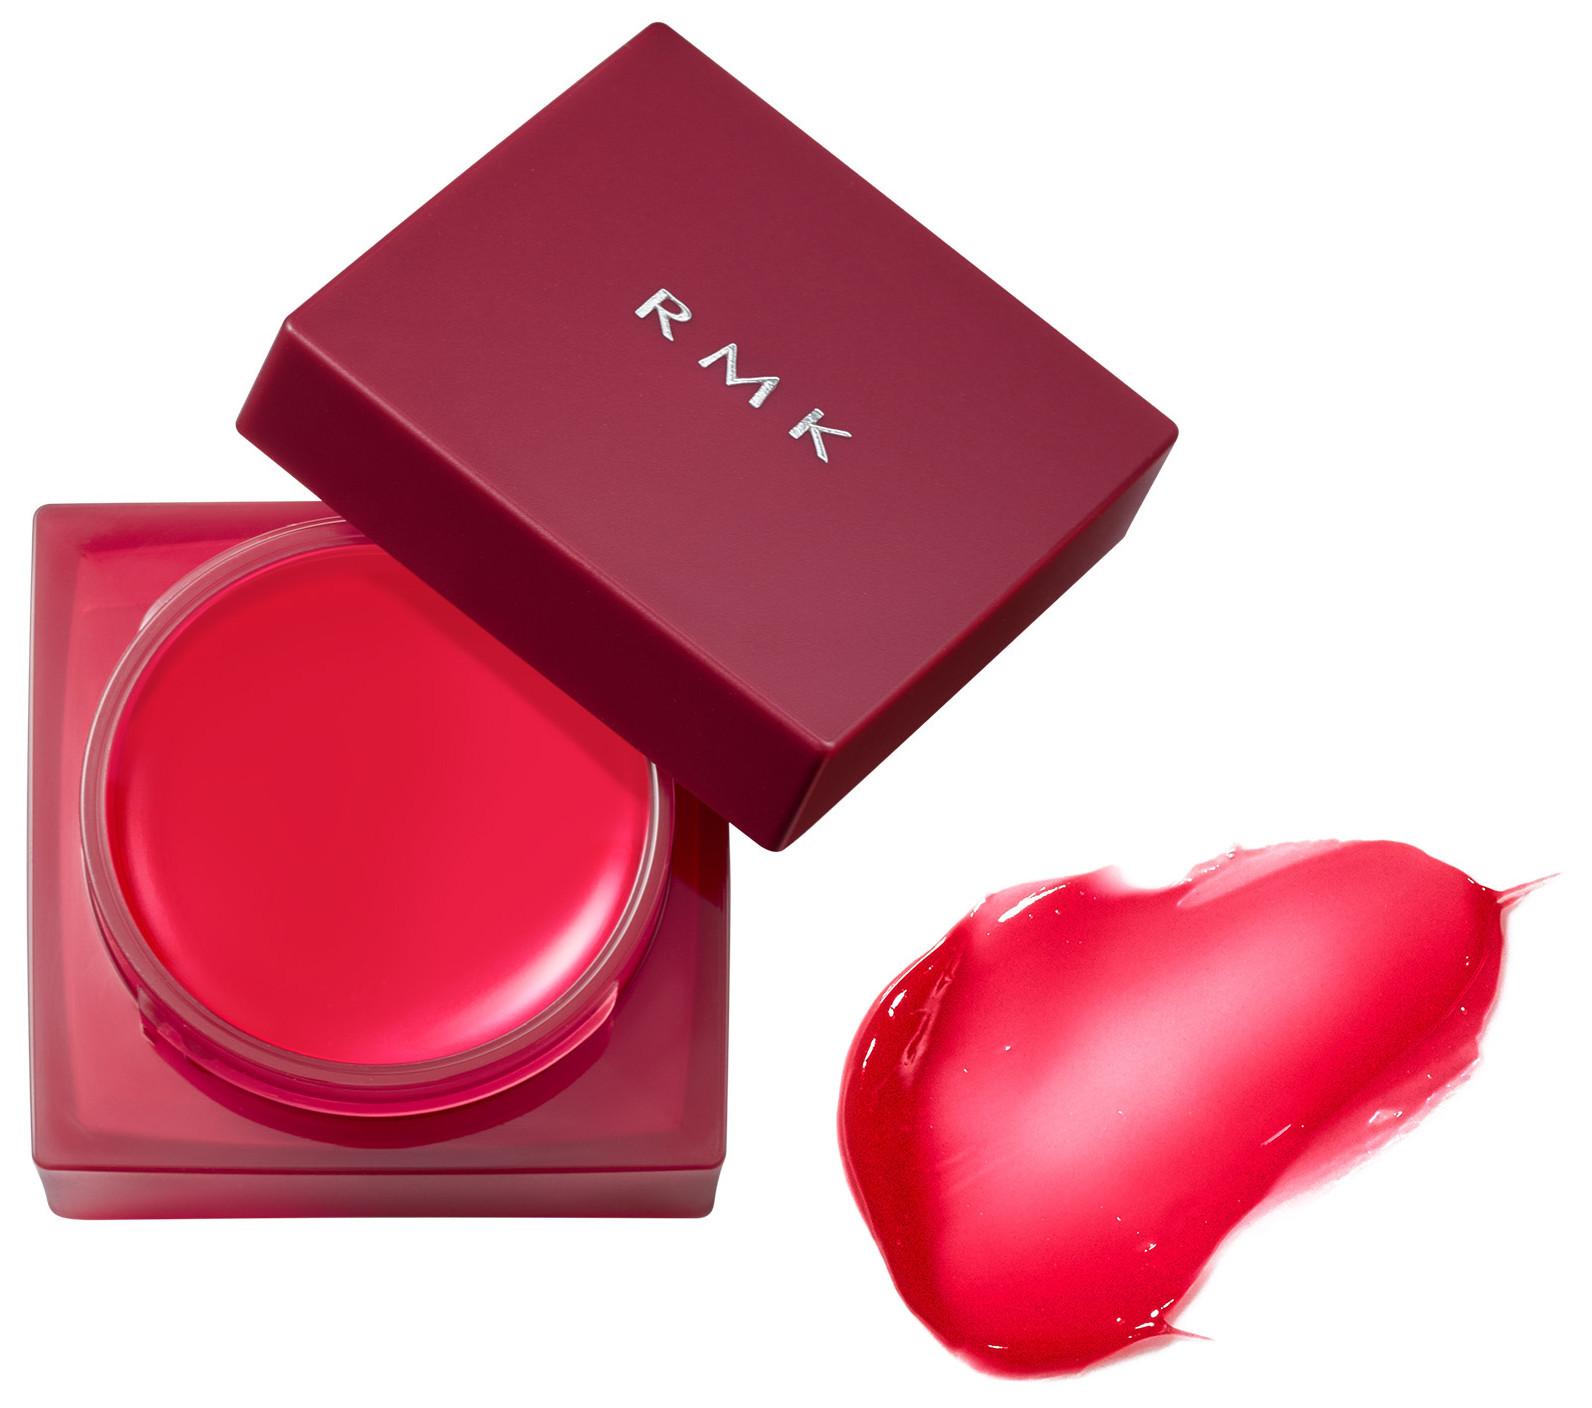 RMK Autumn Winter Collection 2020 Edoakane Translucent Gloss